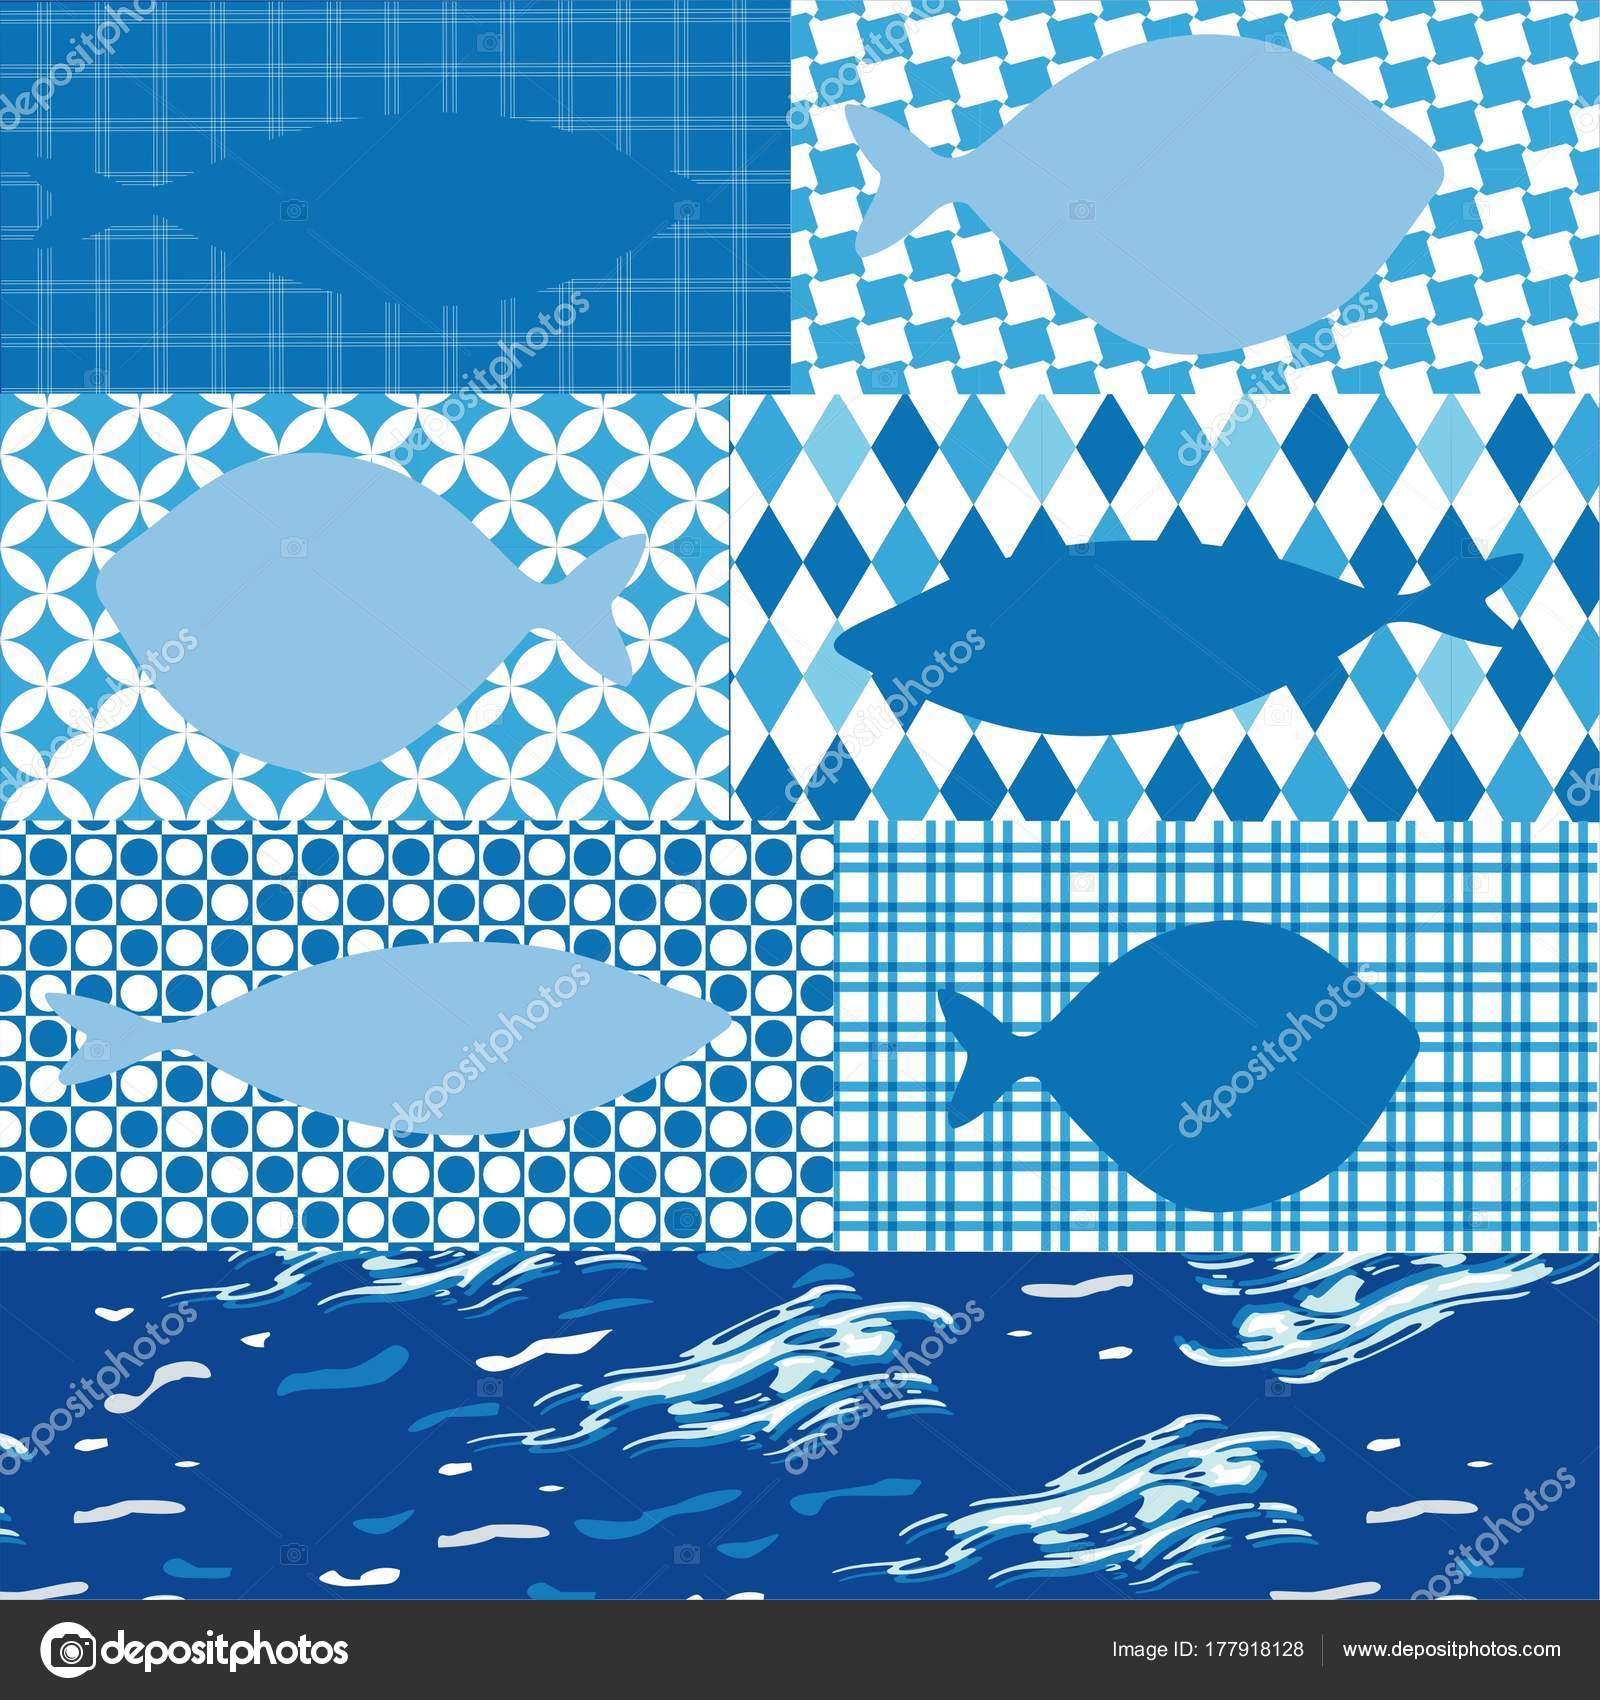 Vector Disegno Pesce Sfondi Diversi Temi Marini Ideale Biglietti